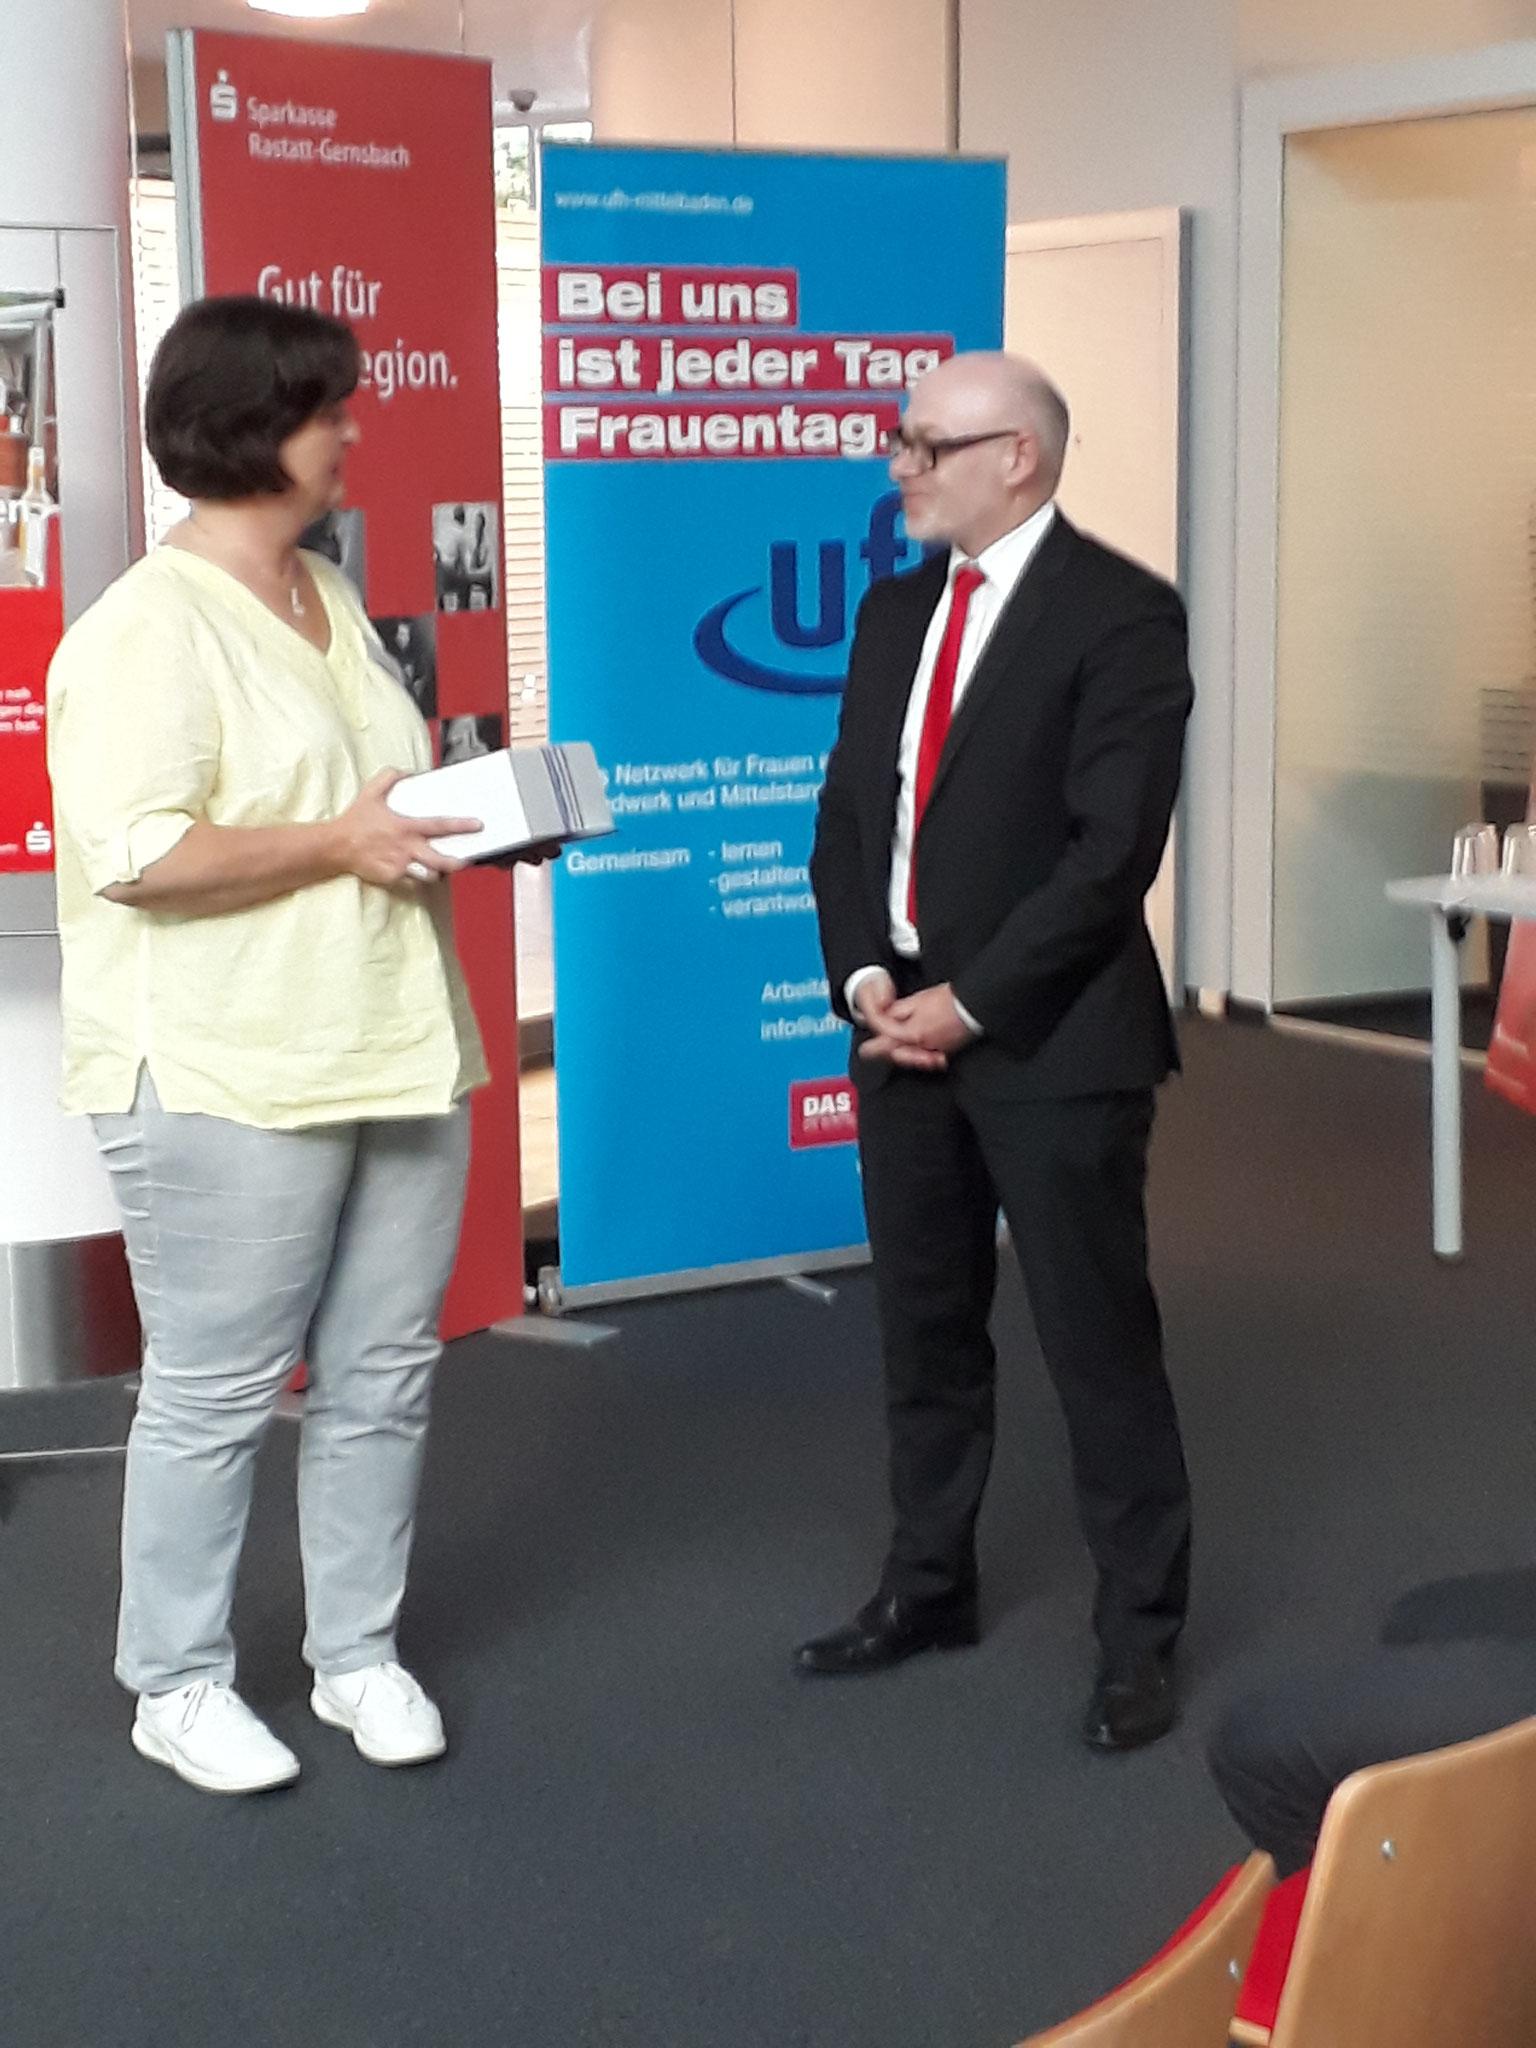 06-2019 Arbeitsrecht - Dankeschön an Herrn Wunsch, Sparkasse Ra-Gernsbach